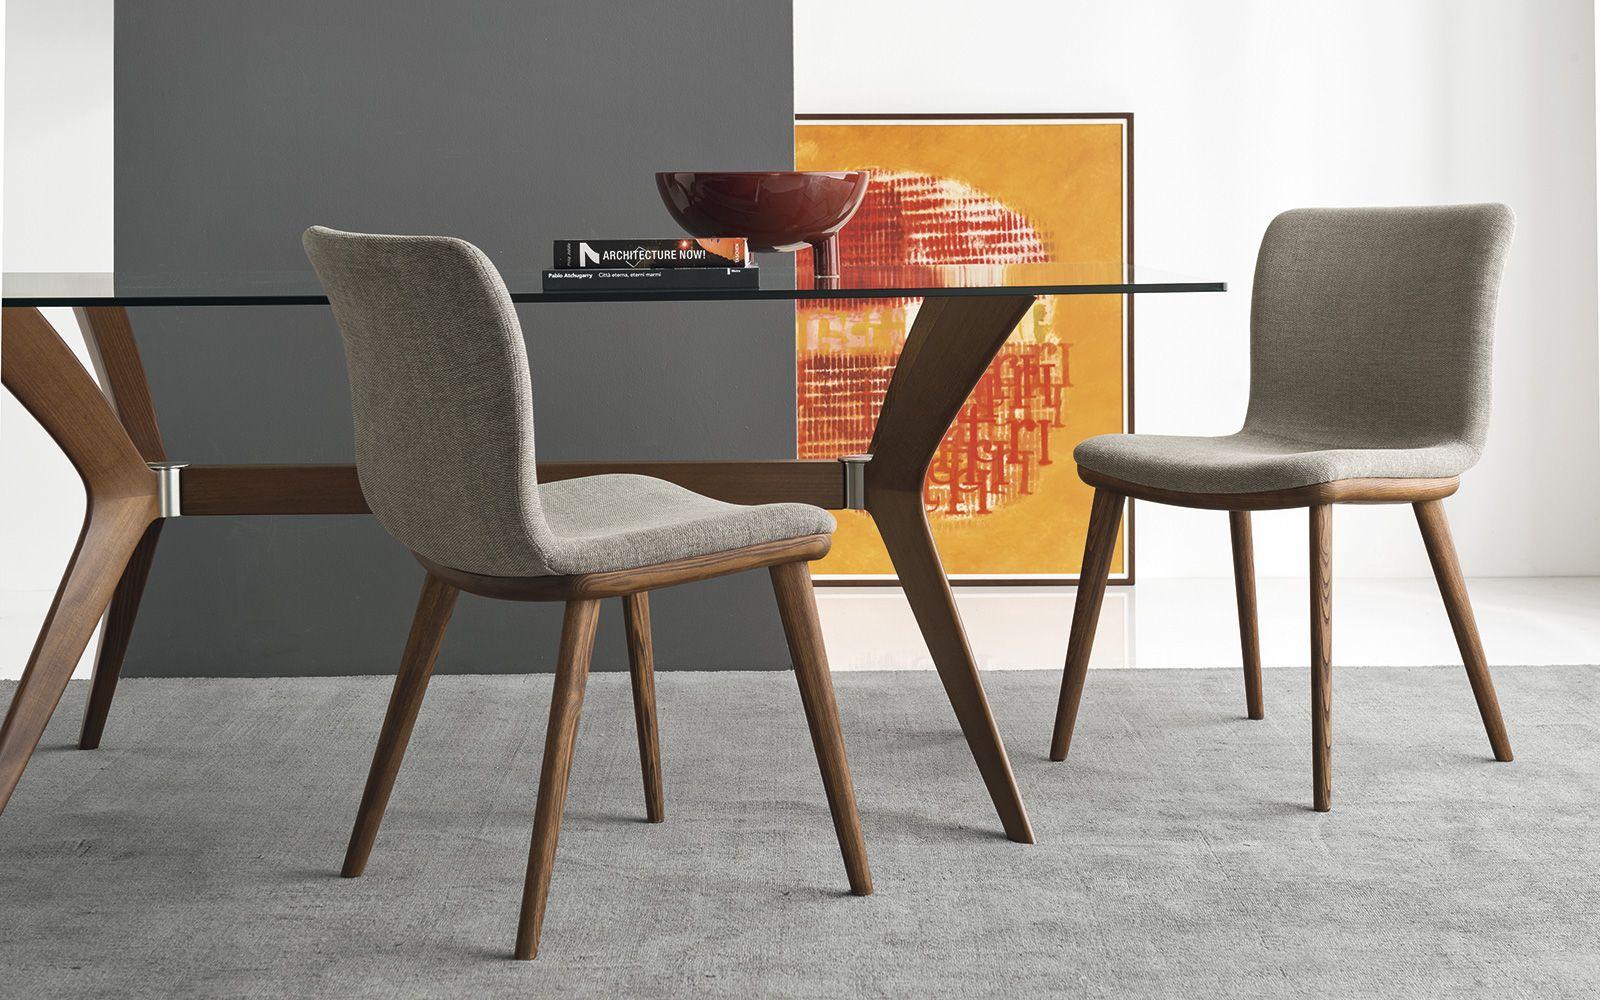 Sedie Scandinave ~ Sedia calligaris annie malmo tortora sedie moderne